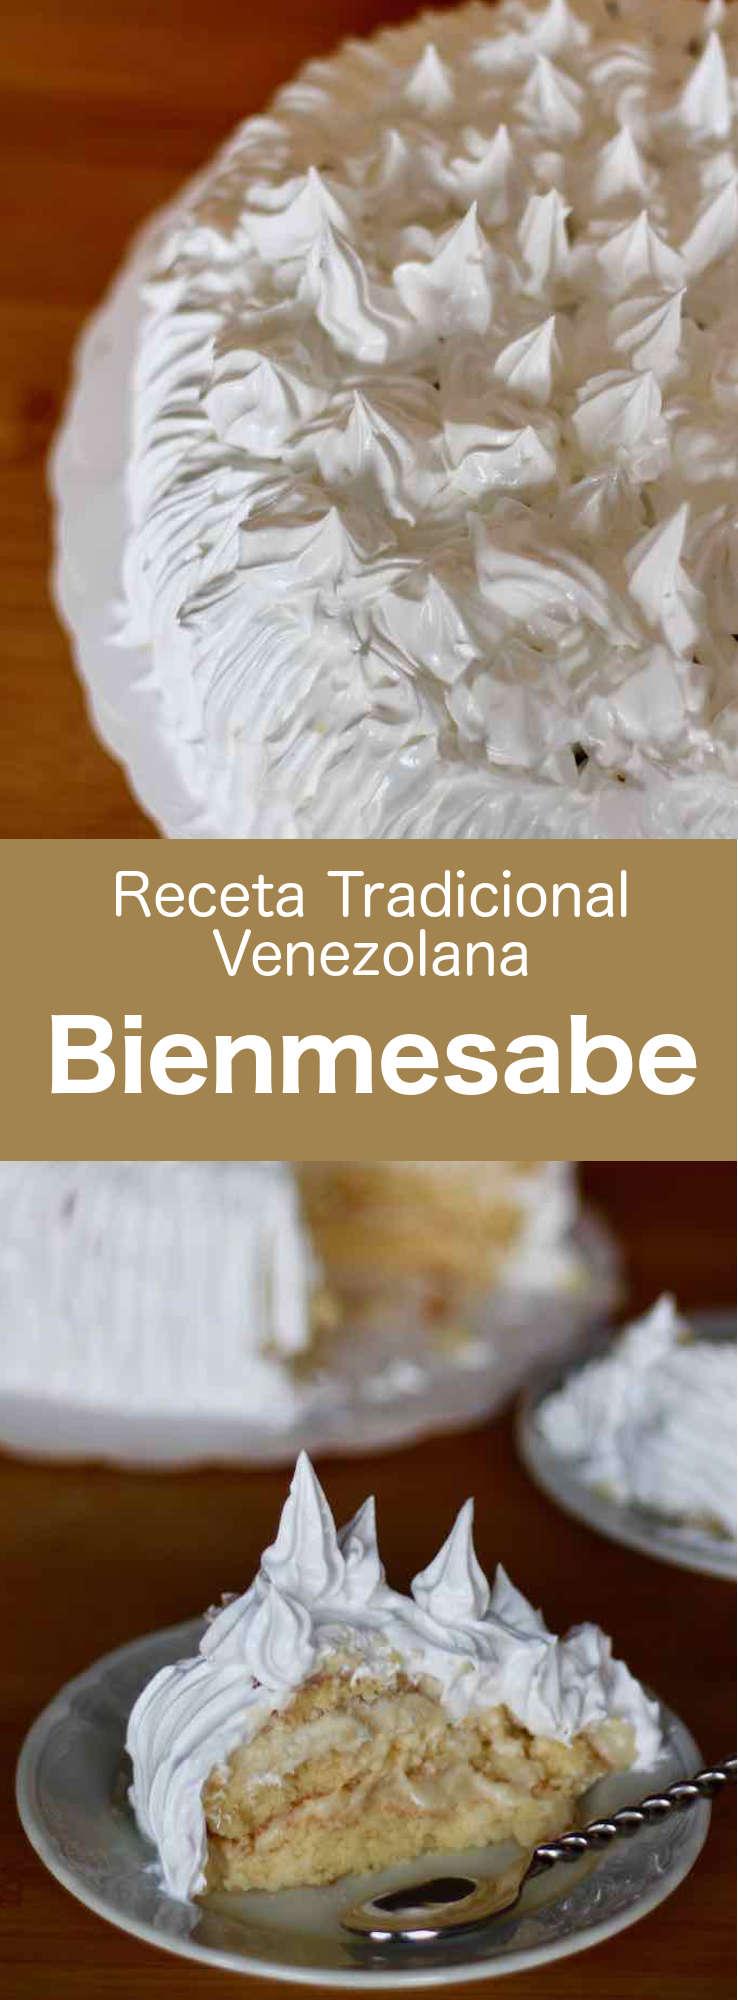 El bienmesabe es una deliciosa torta tradicional venezolana preparada con crema de huevo y jerez, a base de coco.